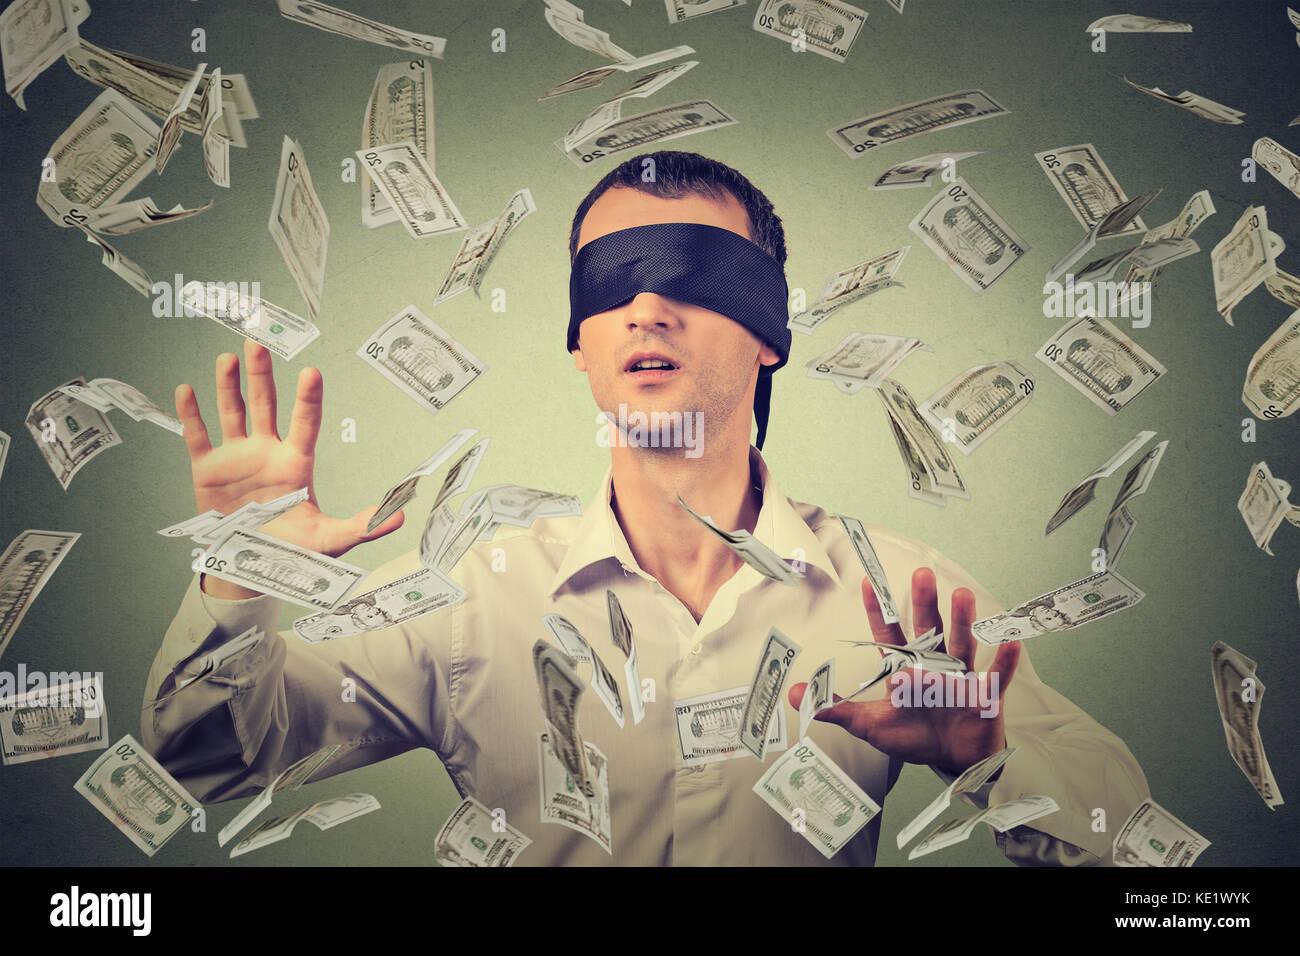 Gli occhi bendati giovane imprenditore cerca di catturare le fatture del dollaro banconote volare in aria isolata Immagini Stock